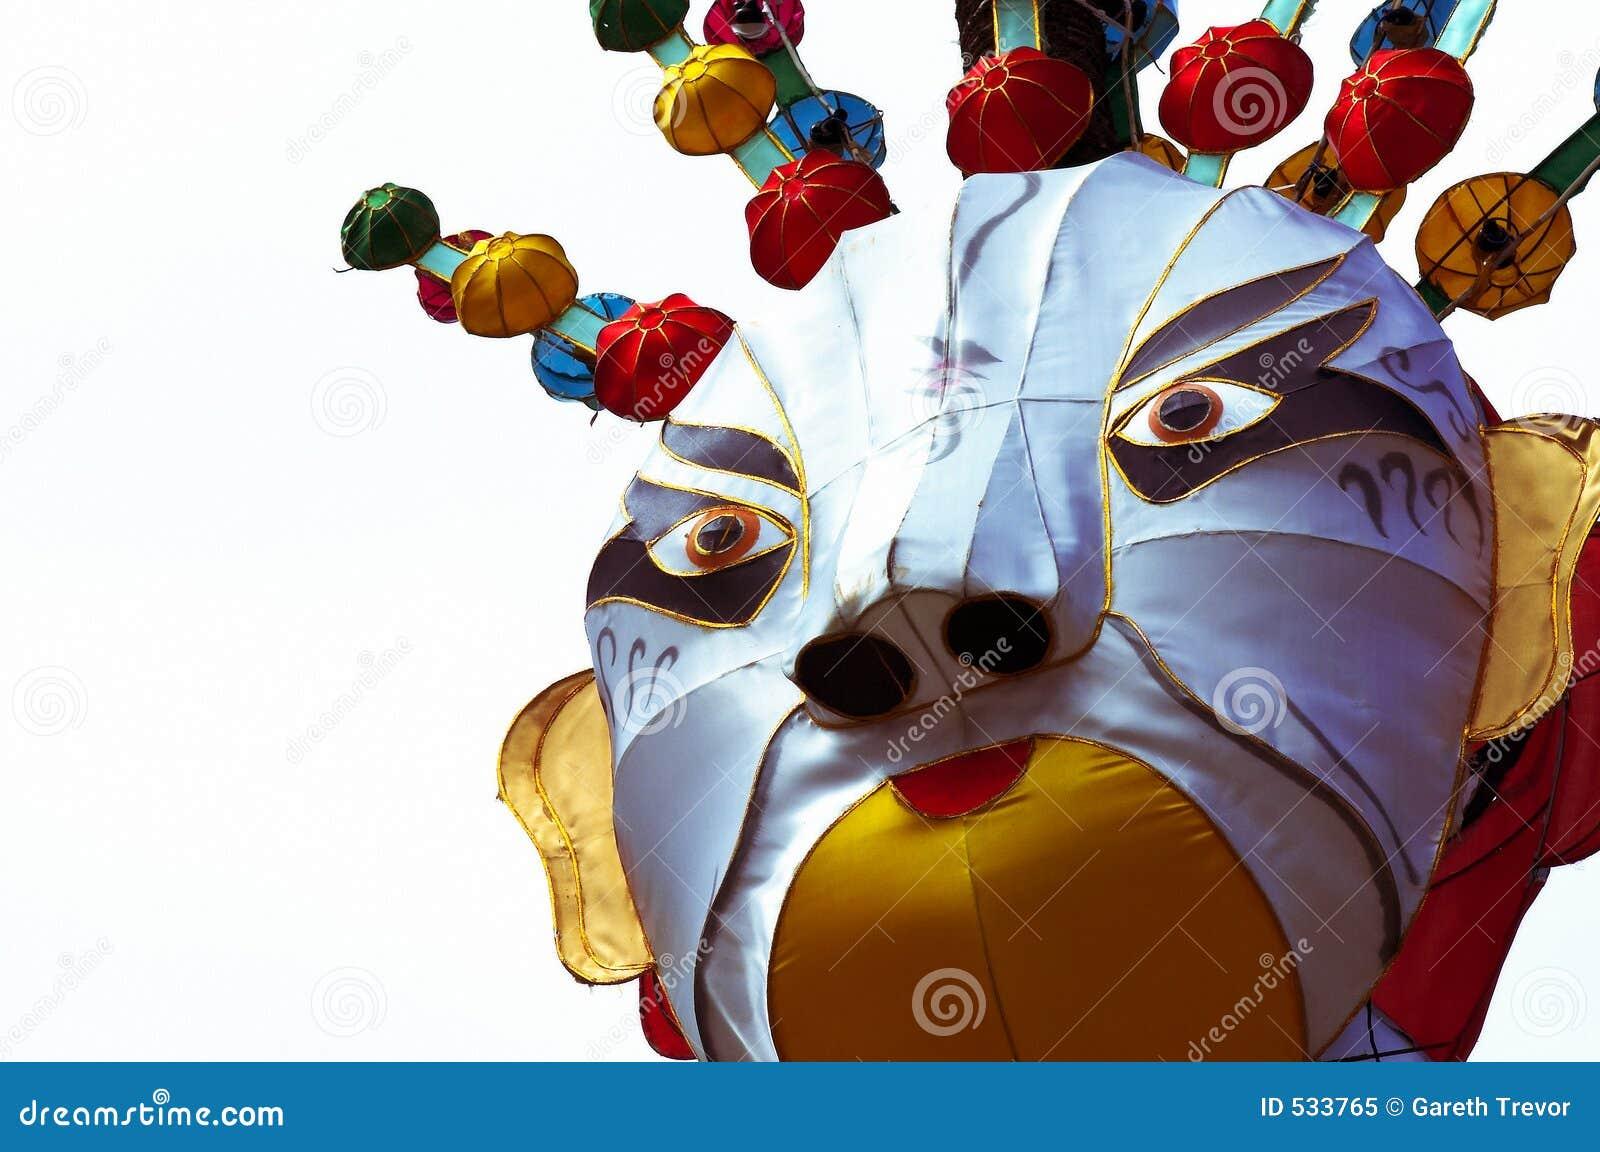 Download 中国灯笼 库存图片. 图片 包括有 时运, 历史记录, 纸张, 眼睛, 季节性, 灯笼, 装饰, 照明, 运气 - 533765